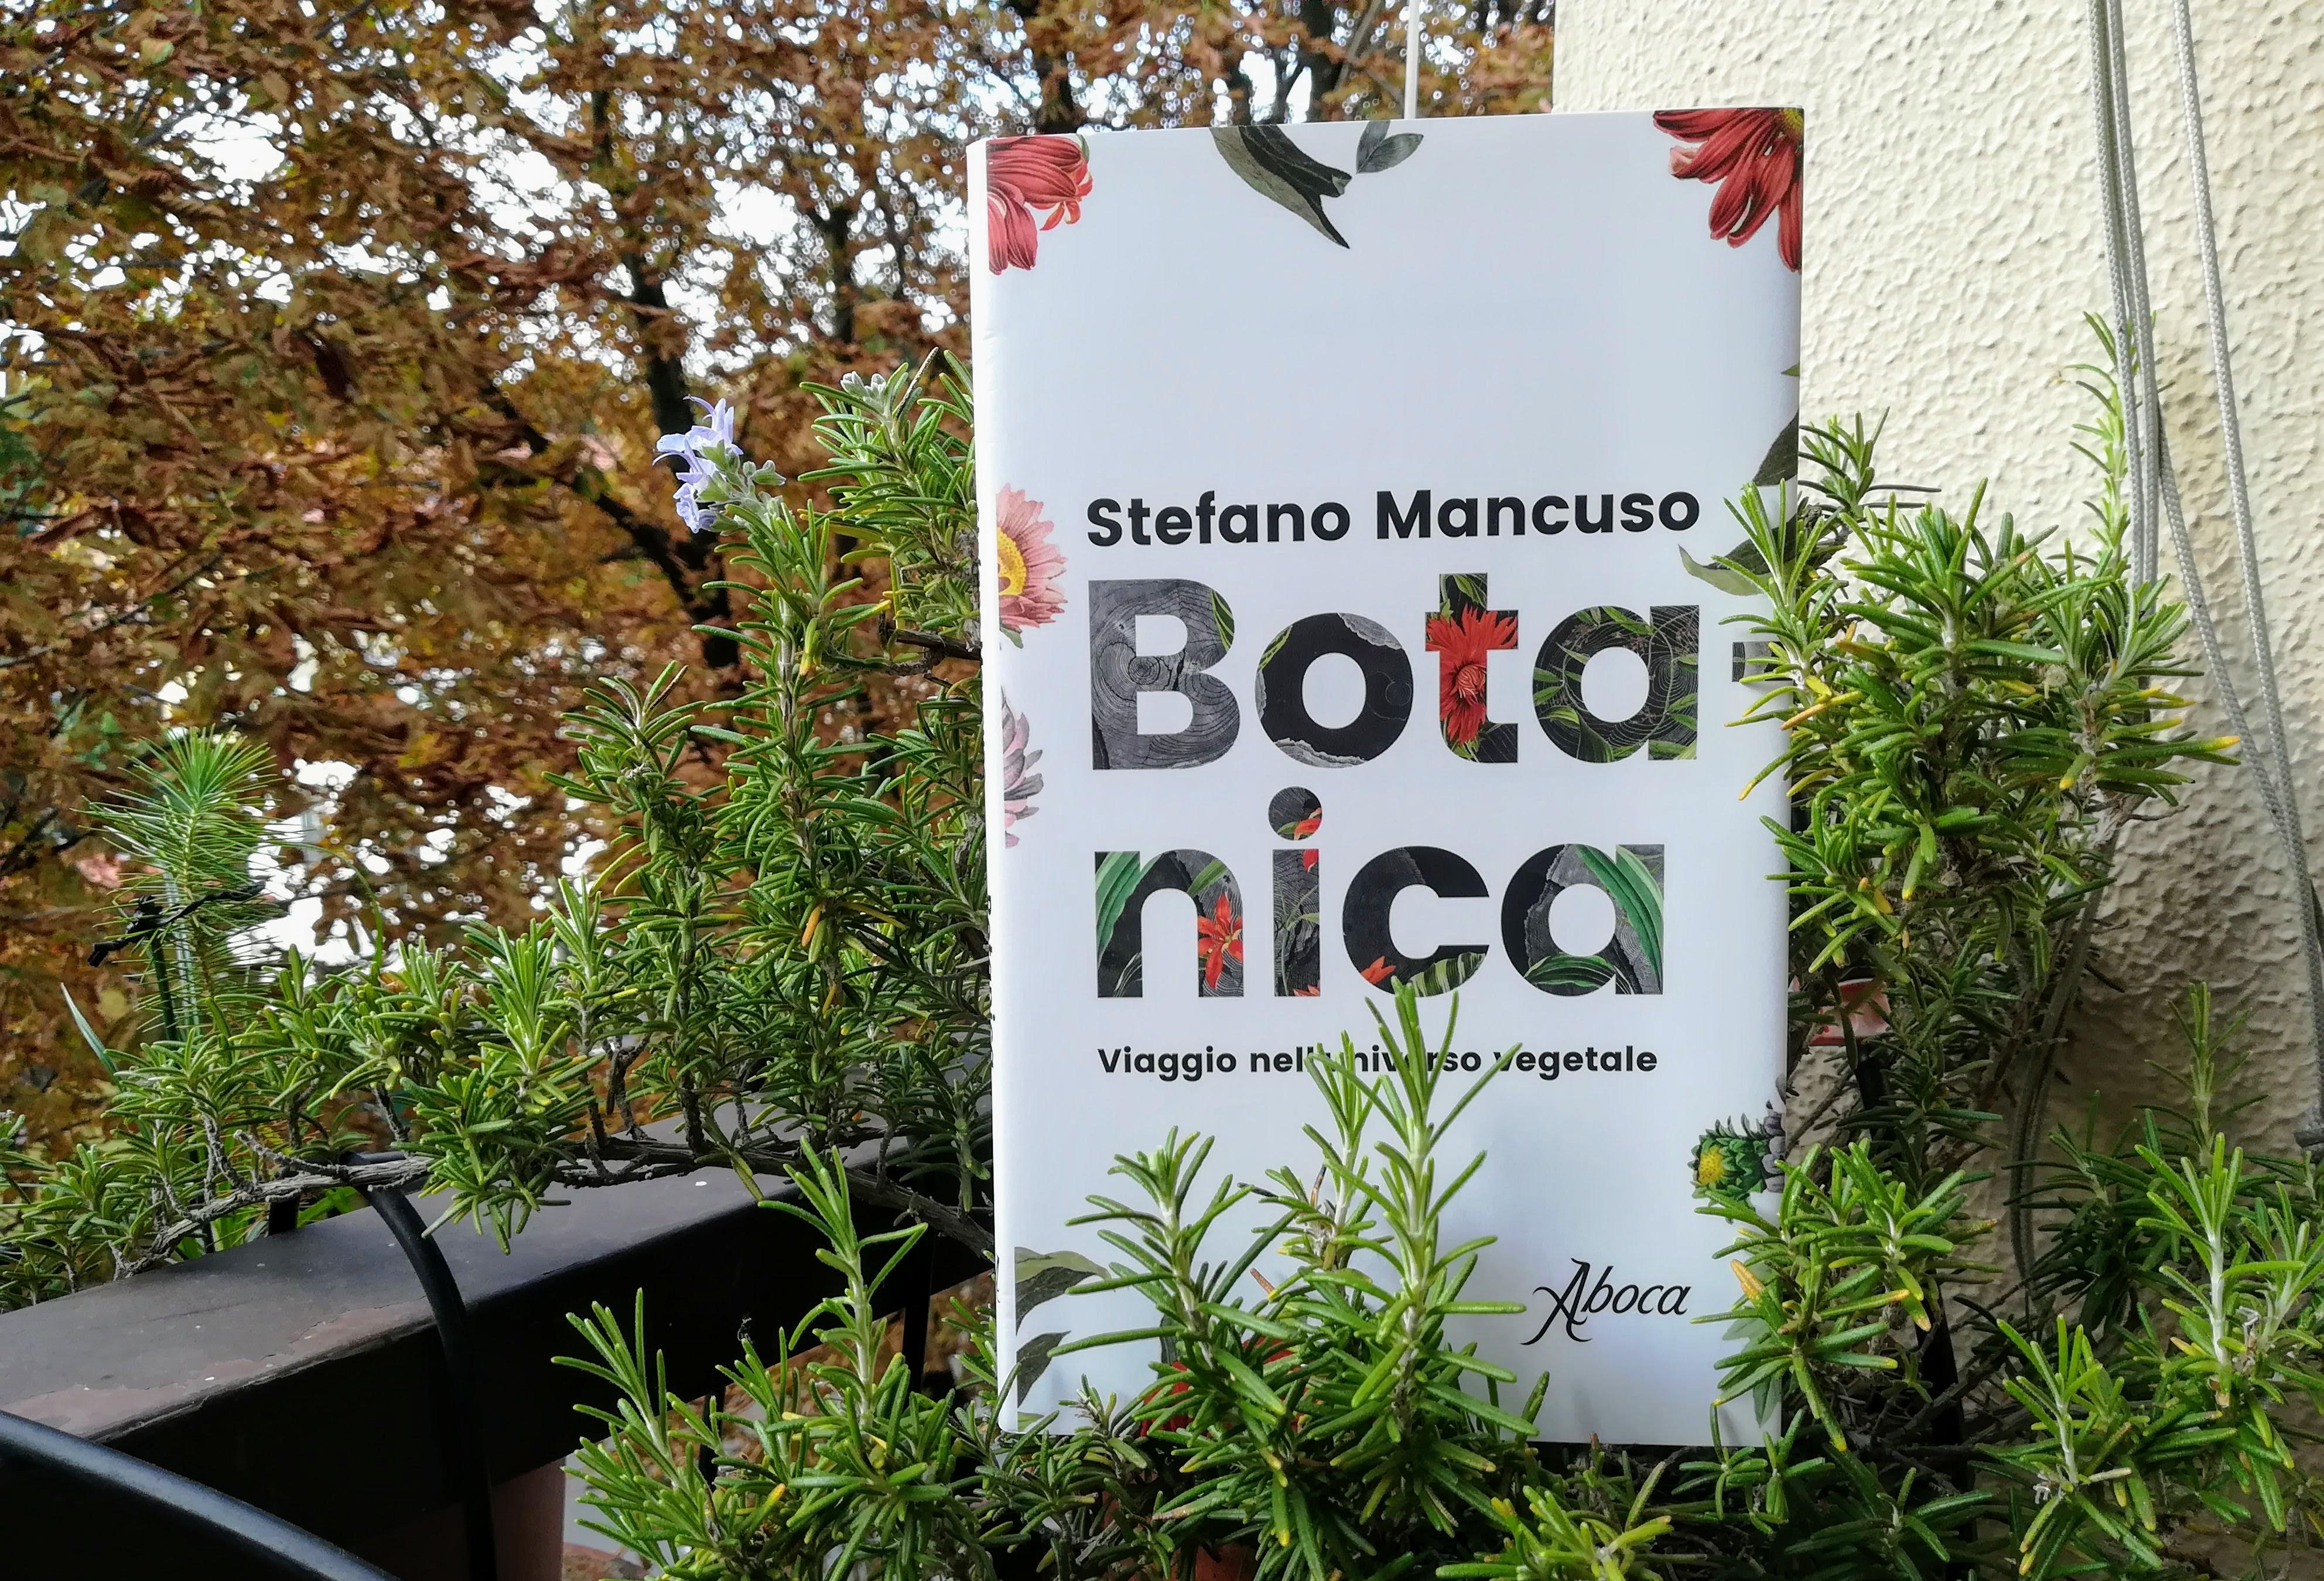 Tutto quello che sapete sulle piante è sbagliato, lo dice Stefano Mancuso